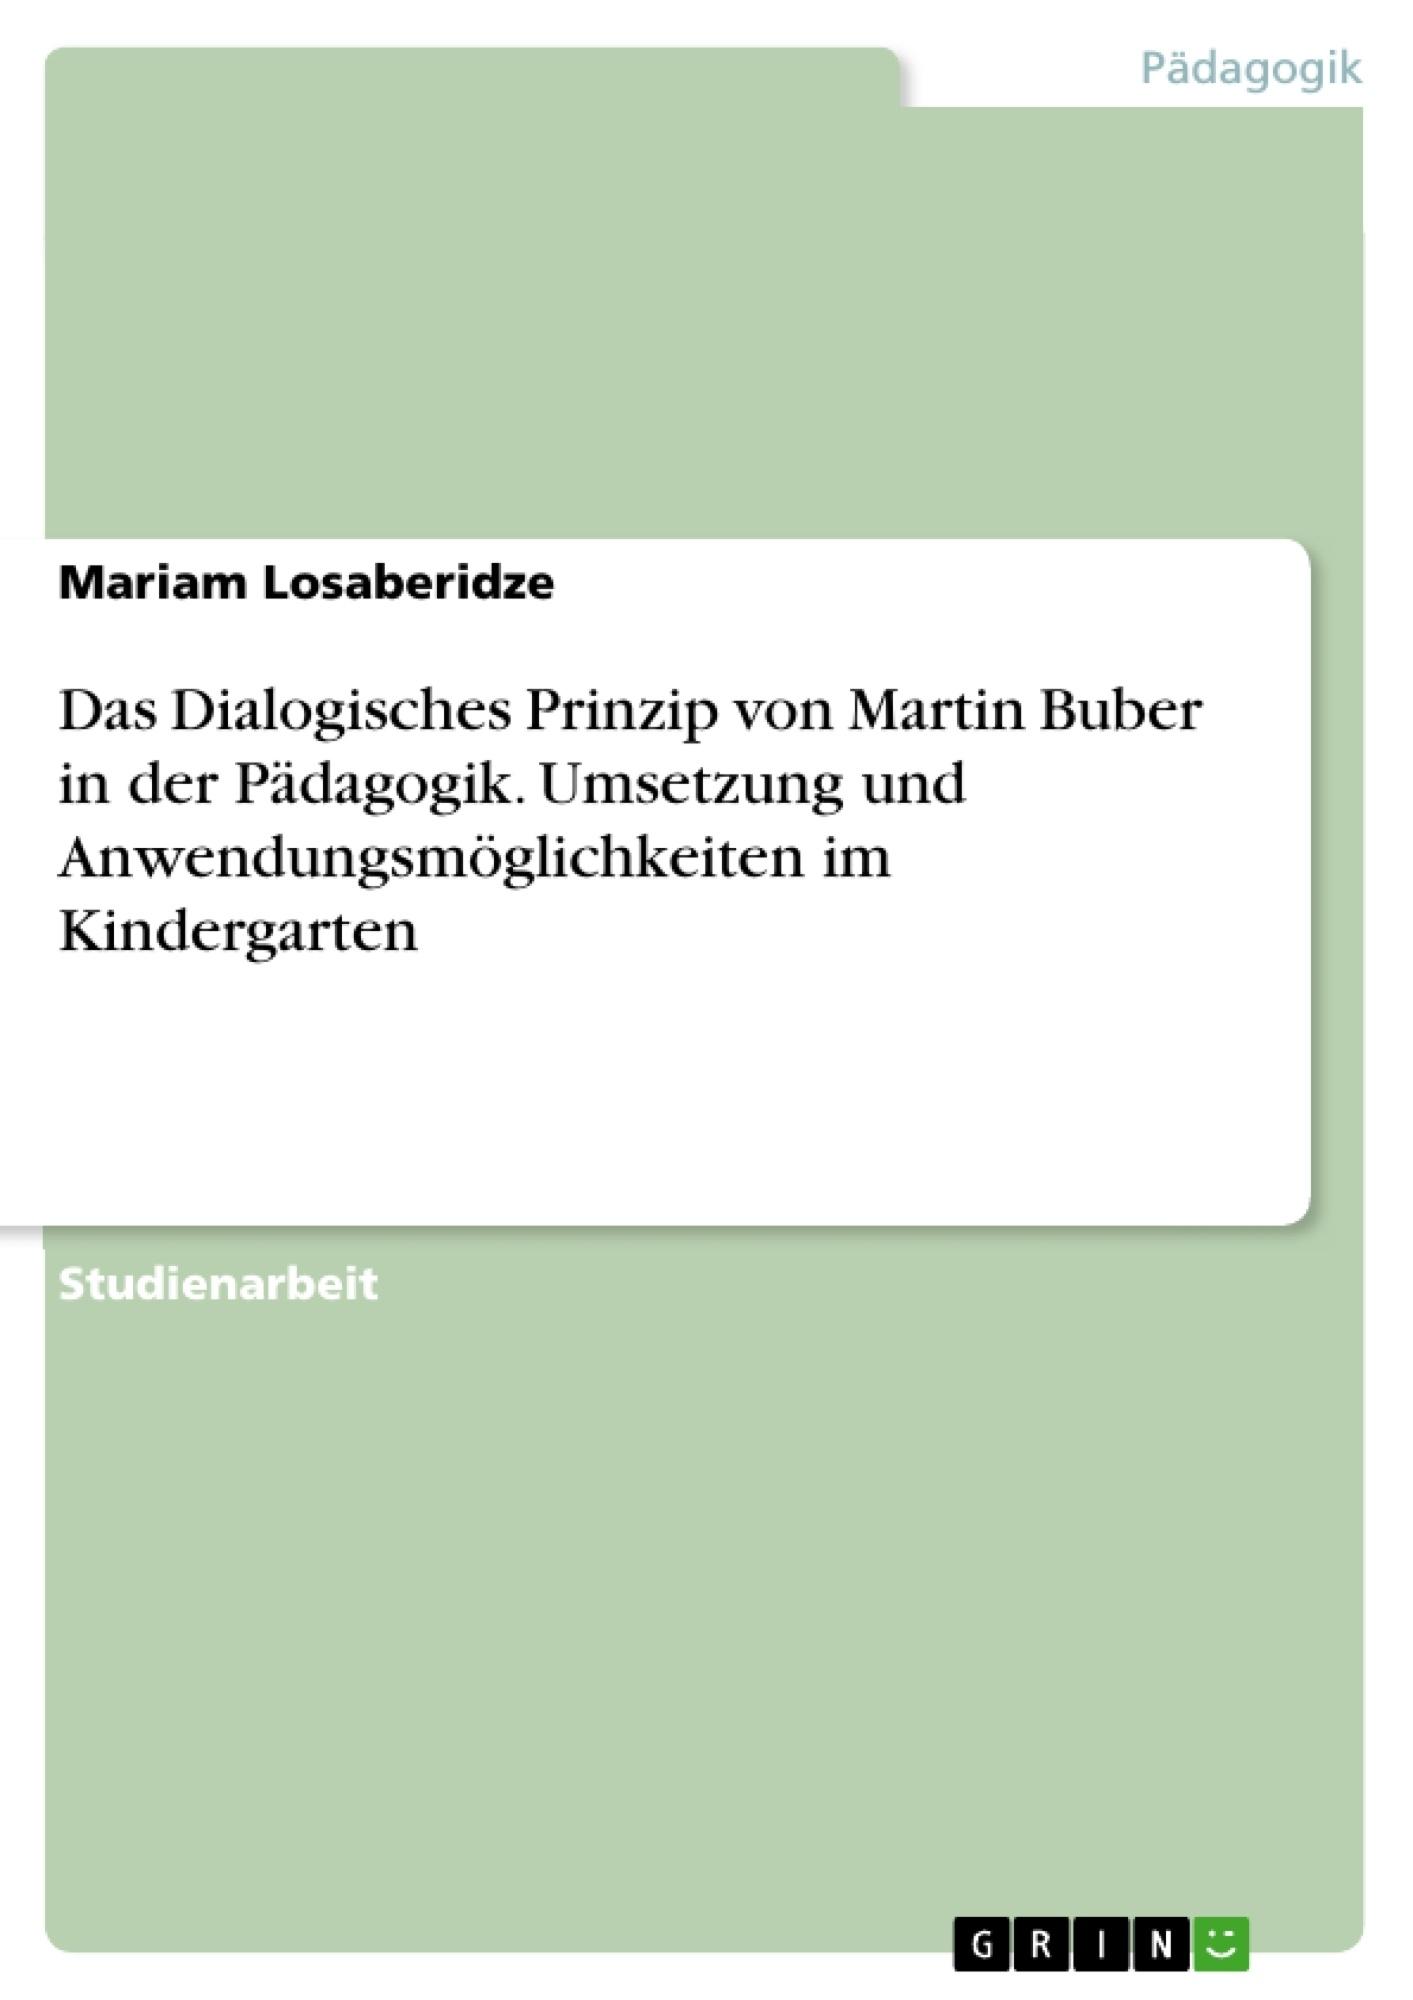 Titel: Das Dialogisches Prinzip von Martin Buber in der Pädagogik. Umsetzung und Anwendungsmöglichkeiten im Kindergarten